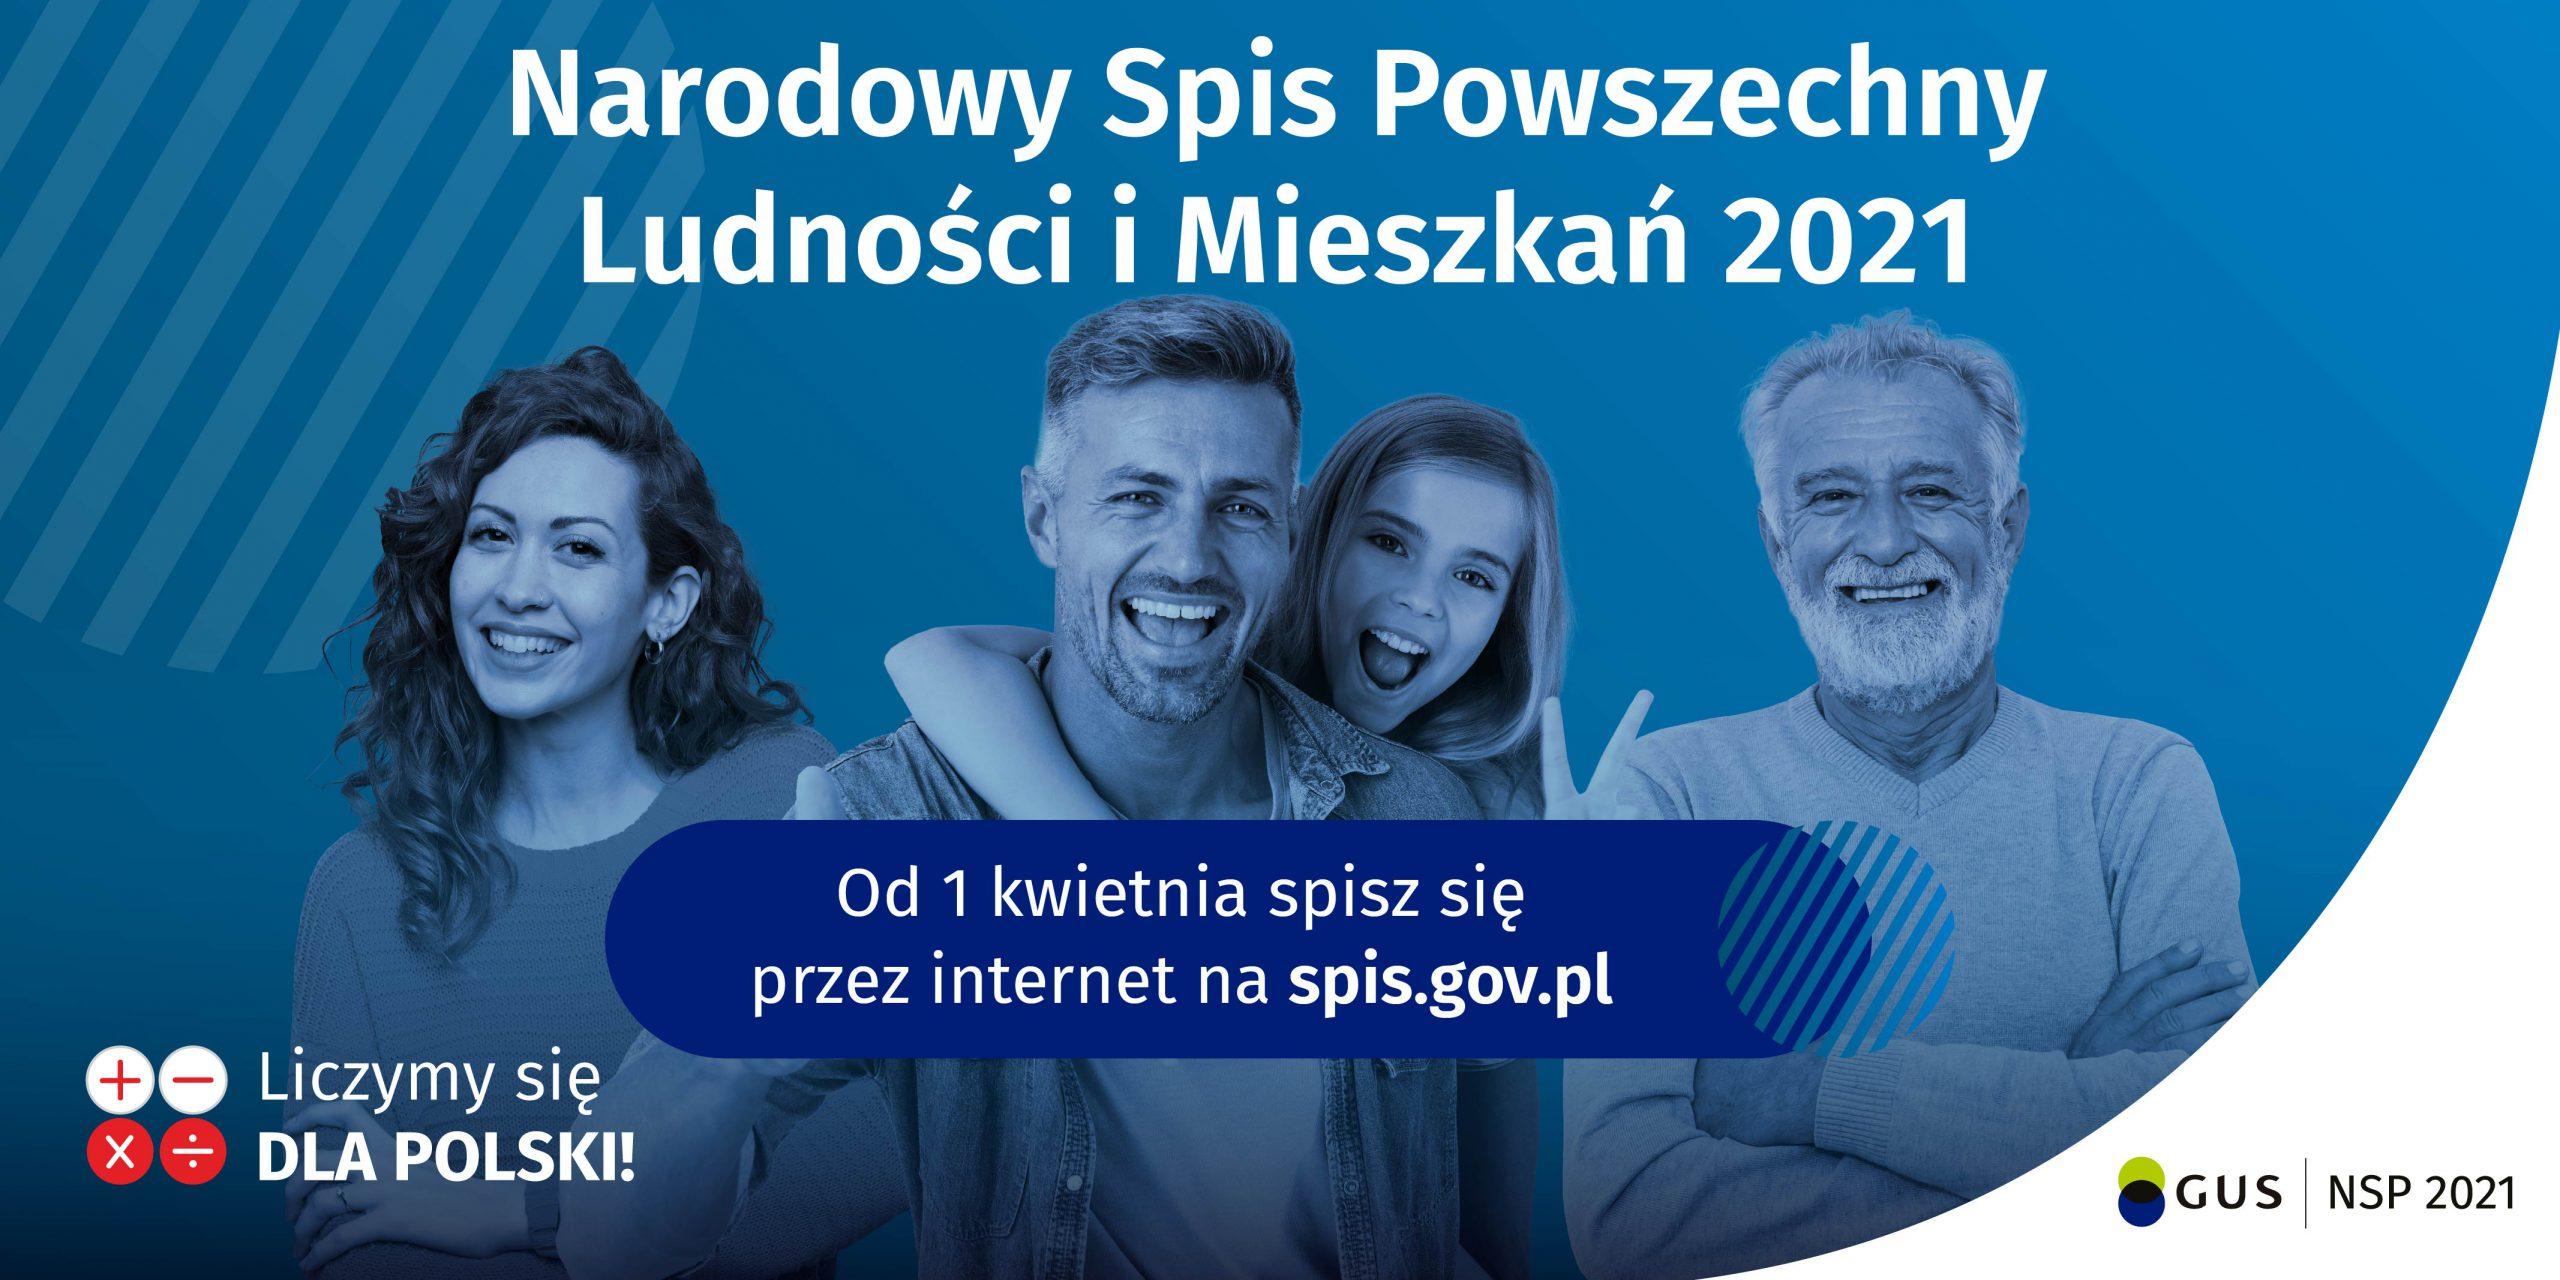 """Banner informacyjny o Narodowym Spisie Powszechnym: osoby na niebieskim tle oraz napis """"Narodowy Spis Powszechny Ludności i Mieszkań 2021"""", """"Od 1 kwietnia spisz się przez internet na spis.gov.pl"""". W lewym dolnym rogu logotyp Liczymy się DLA POLSKI! W prawym dolnym rogu logotyp GUS NSP 2021"""